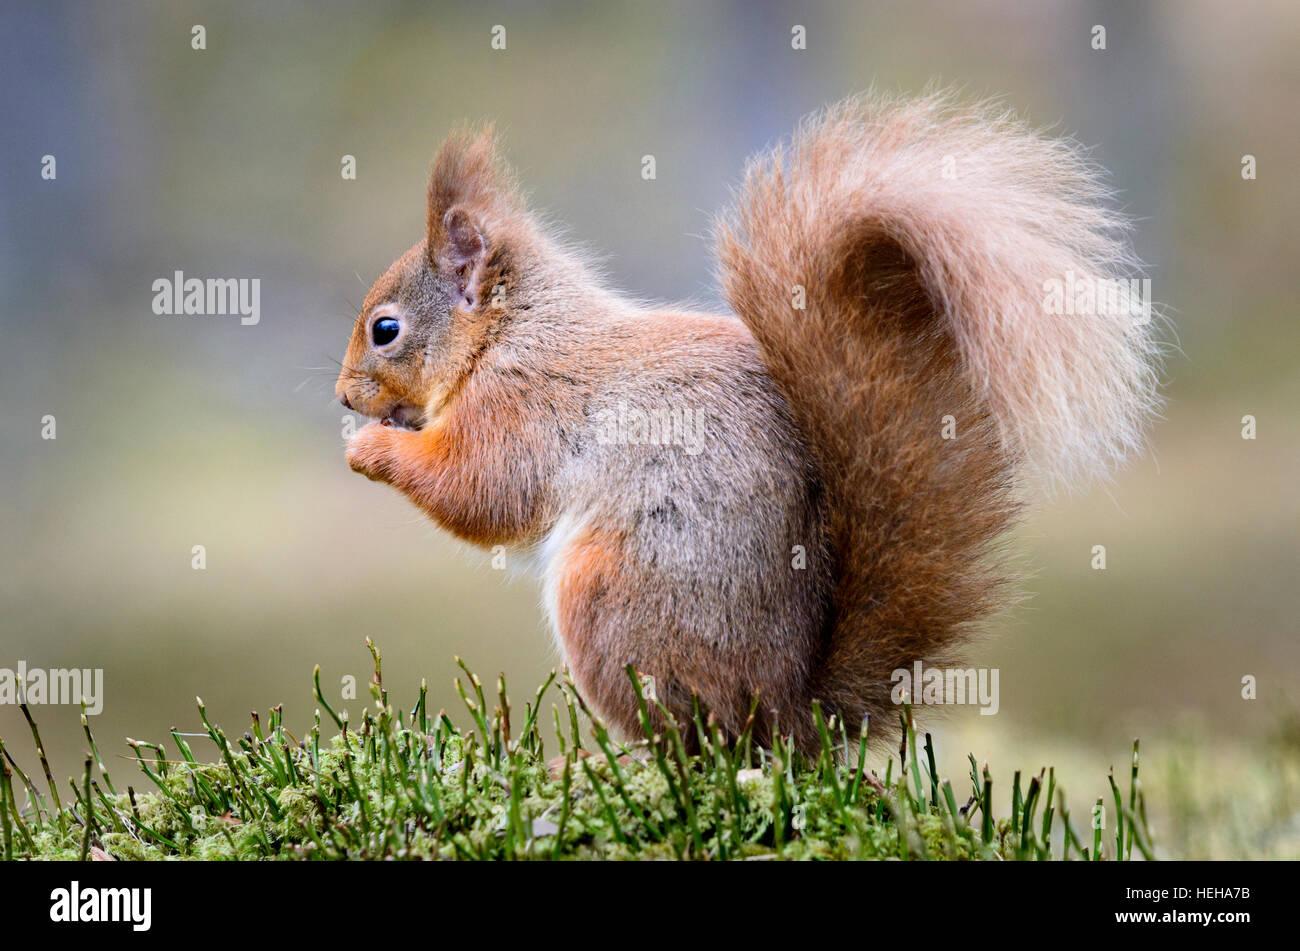 Red Squirrel, Sciurus vulgaris - Stock Image